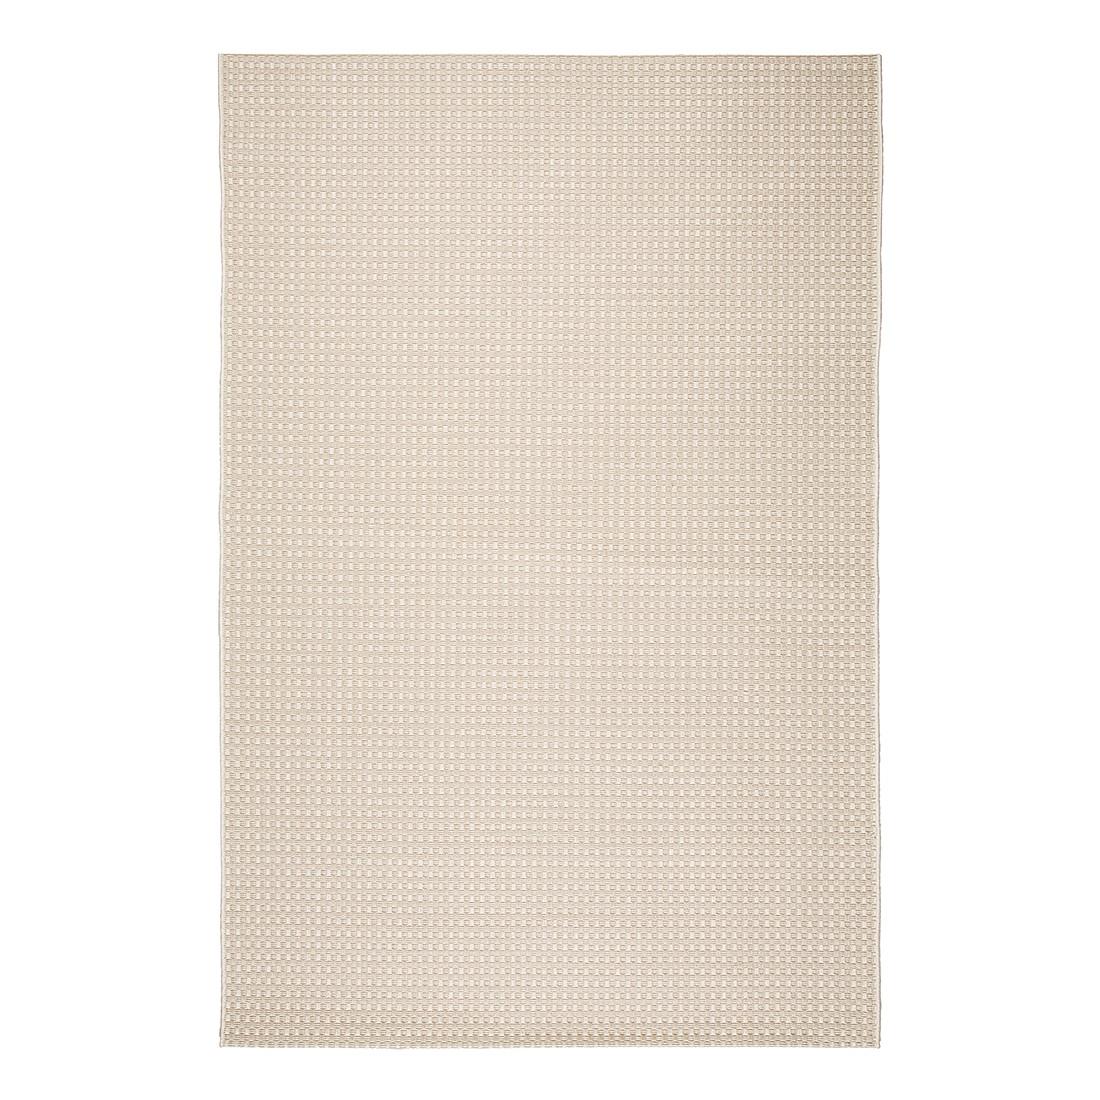 Teppich Flachgewebe – Beige – 120 x 170 cm, Home24Deko jetzt bestellen